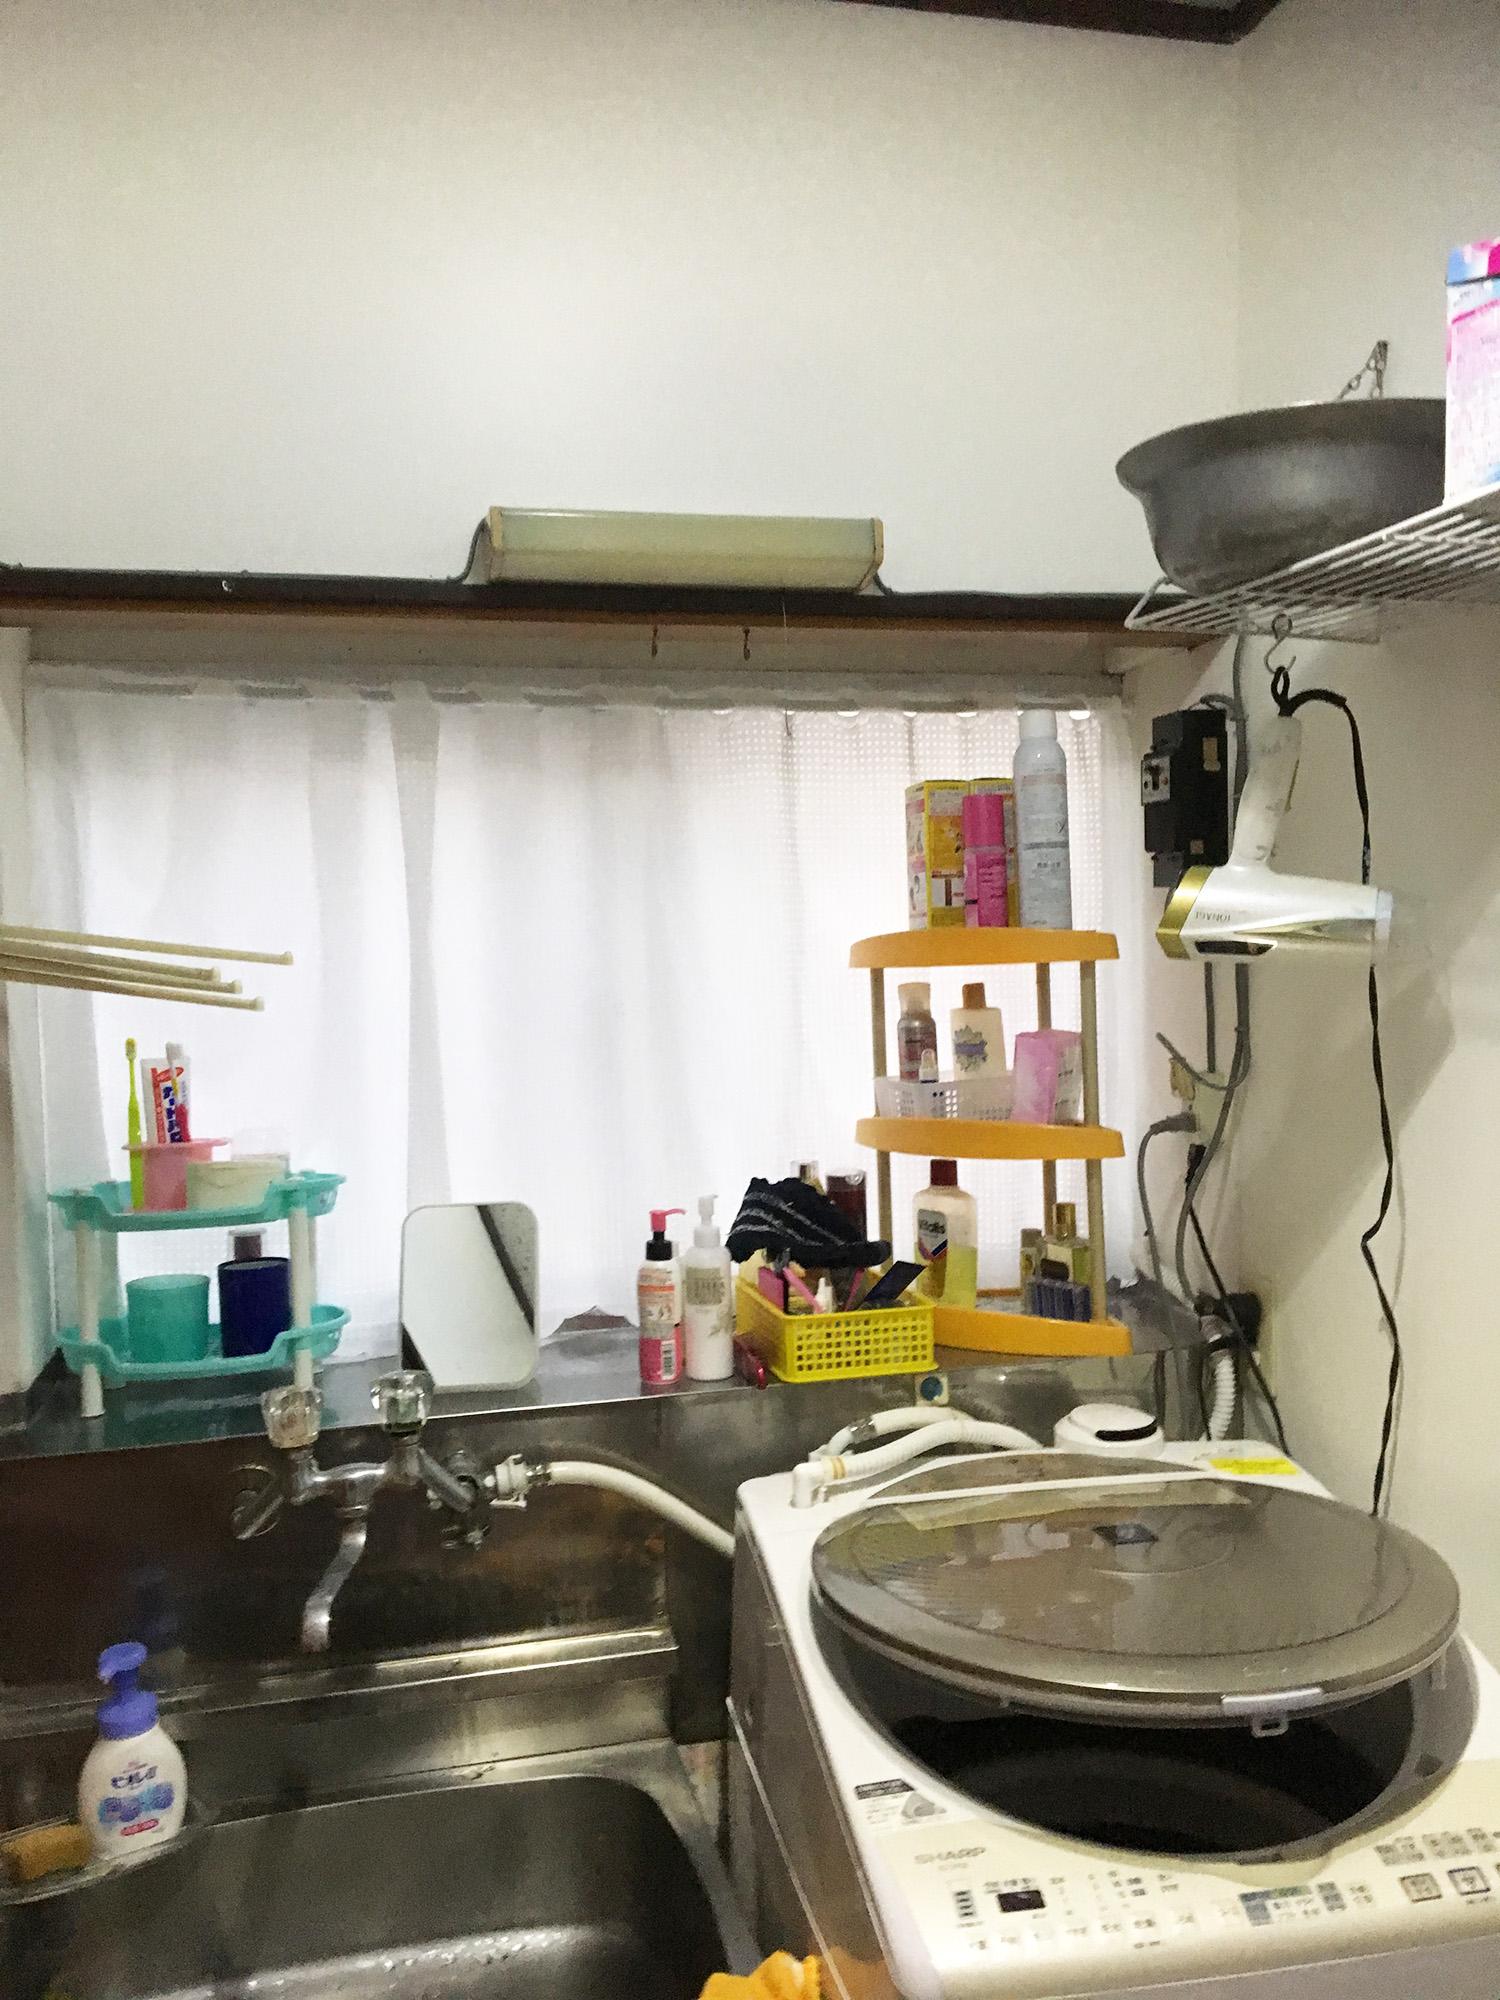 松島町M邸 洗面化粧台リフォーム 45万円/工期2日間 施工前